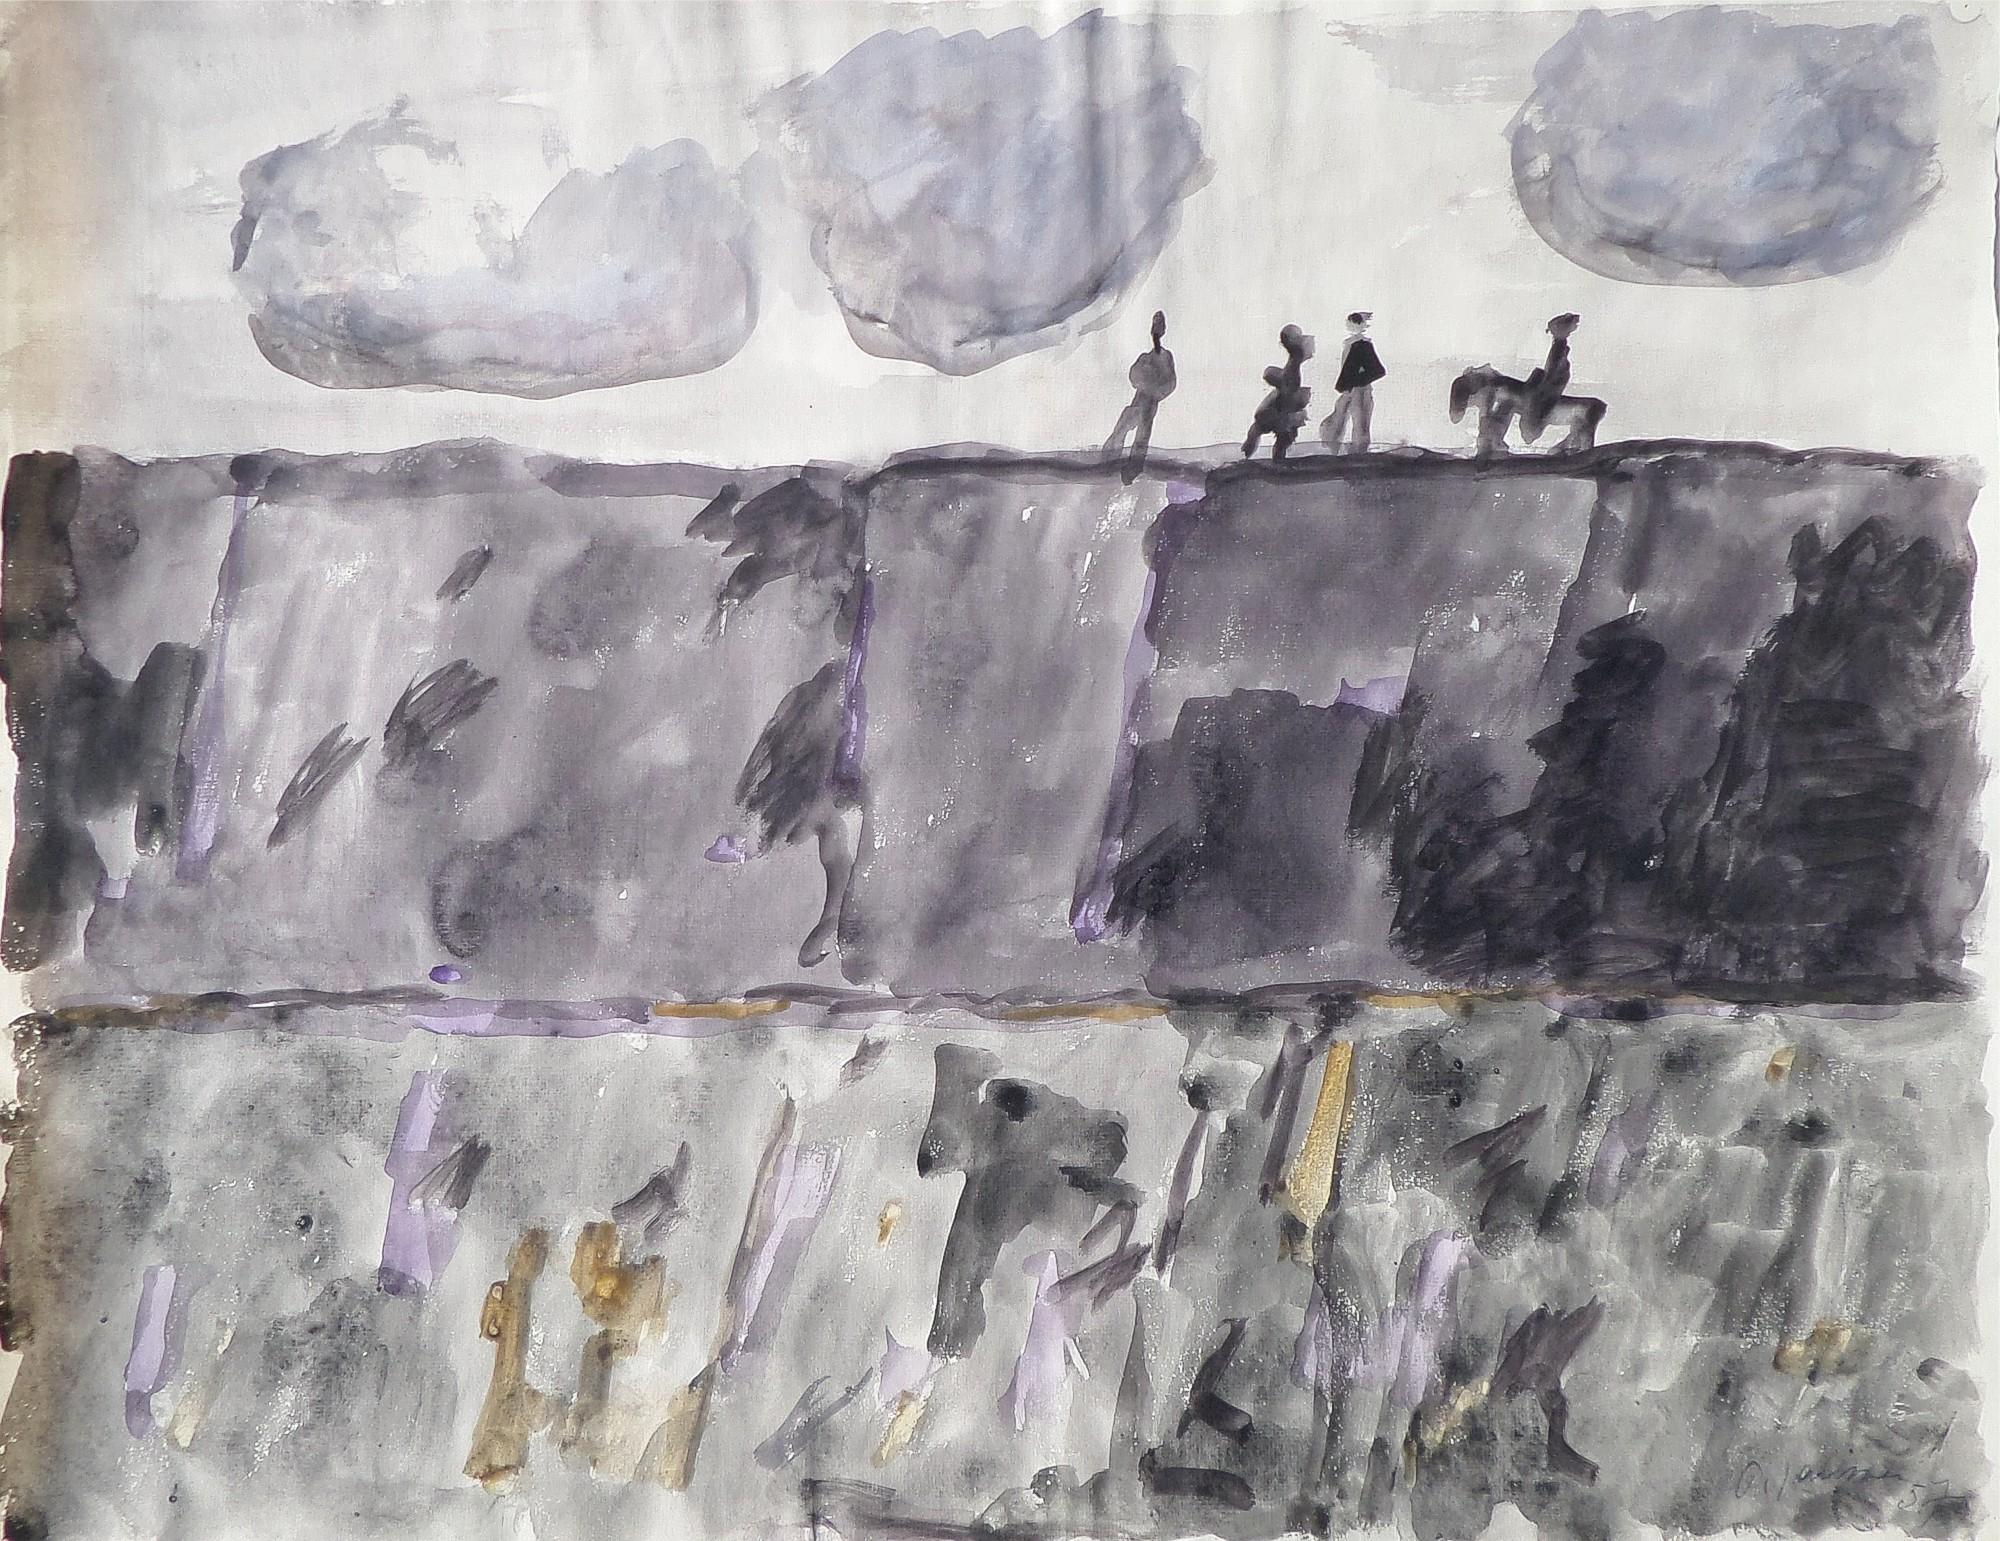 Reiter und Figuren, 1957,  Aquarell von Peter Janssen, für vergrößerte Ansicht hier klicken!